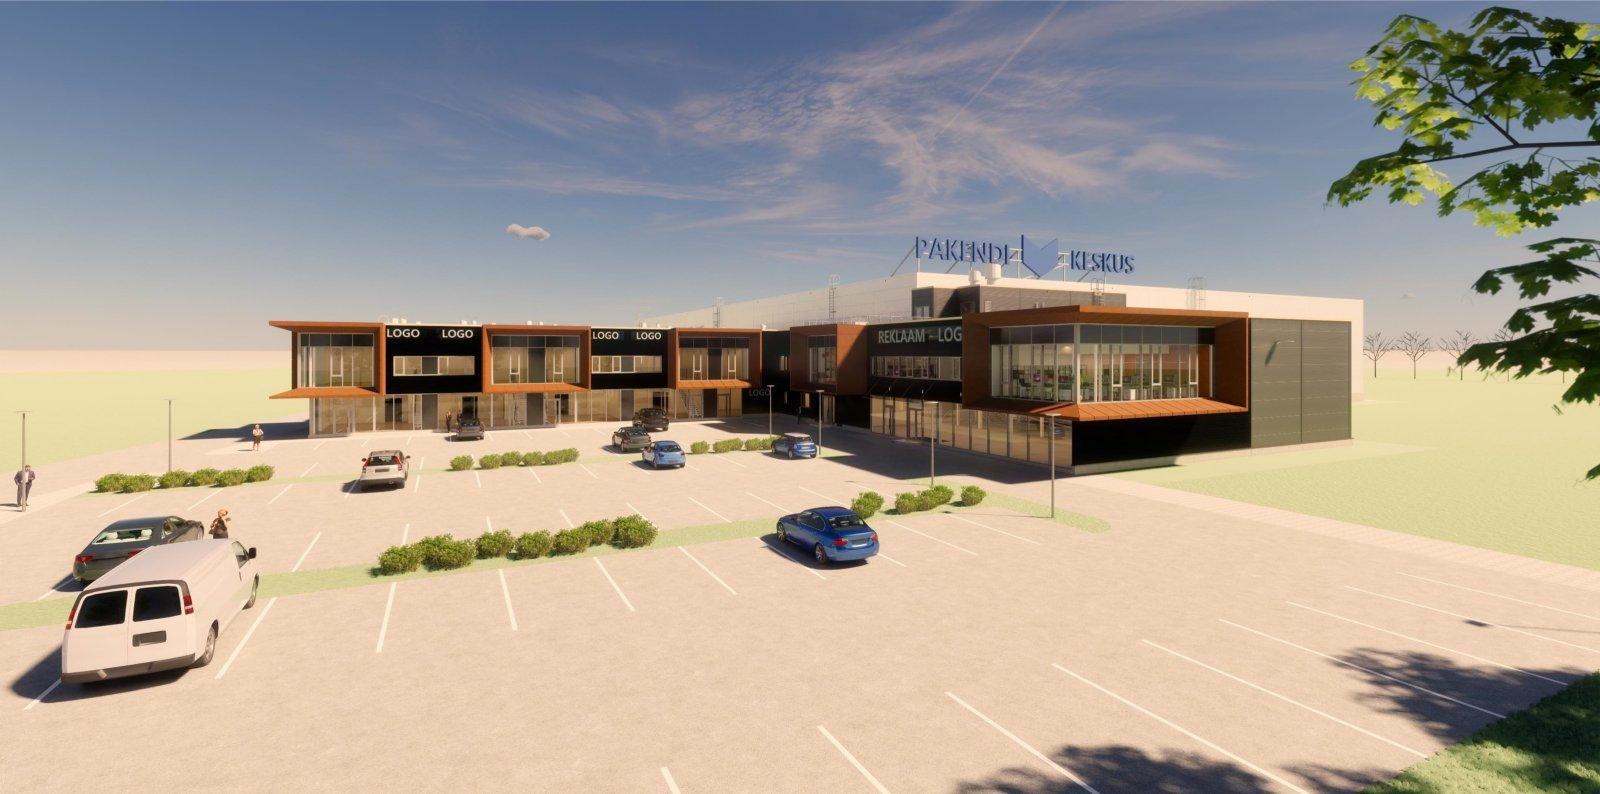 Nordecon ja Eventus Ehitus ehitavad Pakendikeskusele 5,3 miljoni eest logistikakeskuse: